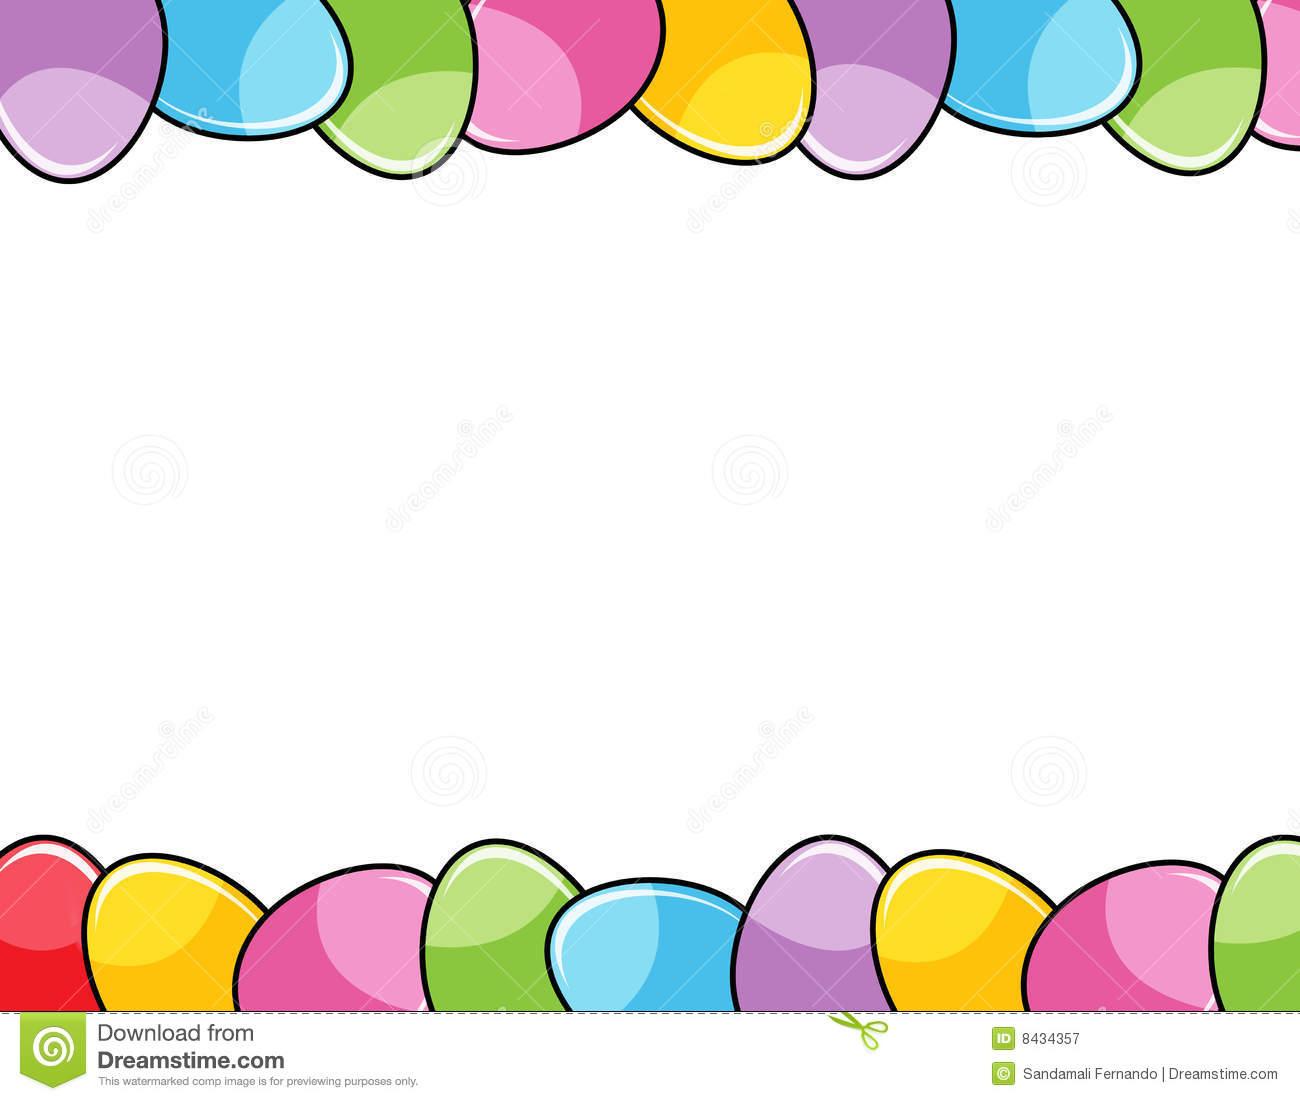 Easter egg border clipart jpg transparent stock Easter egg border clip art - ClipartFest jpg transparent stock